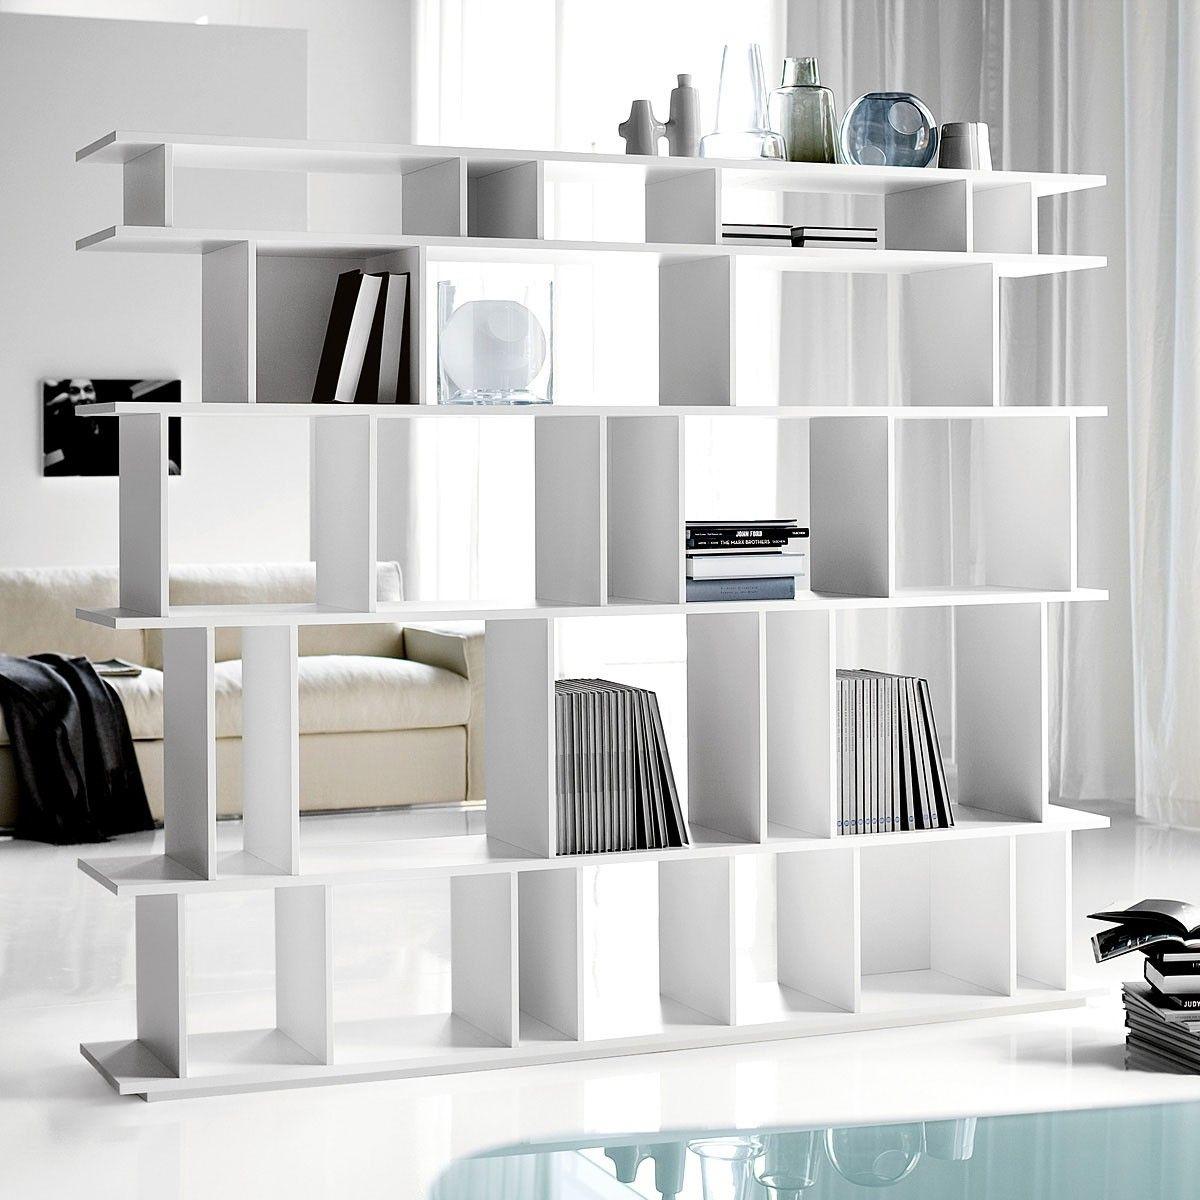 Contemporary bookshelf room divider ideas for bookshelf room divider creative home decoration